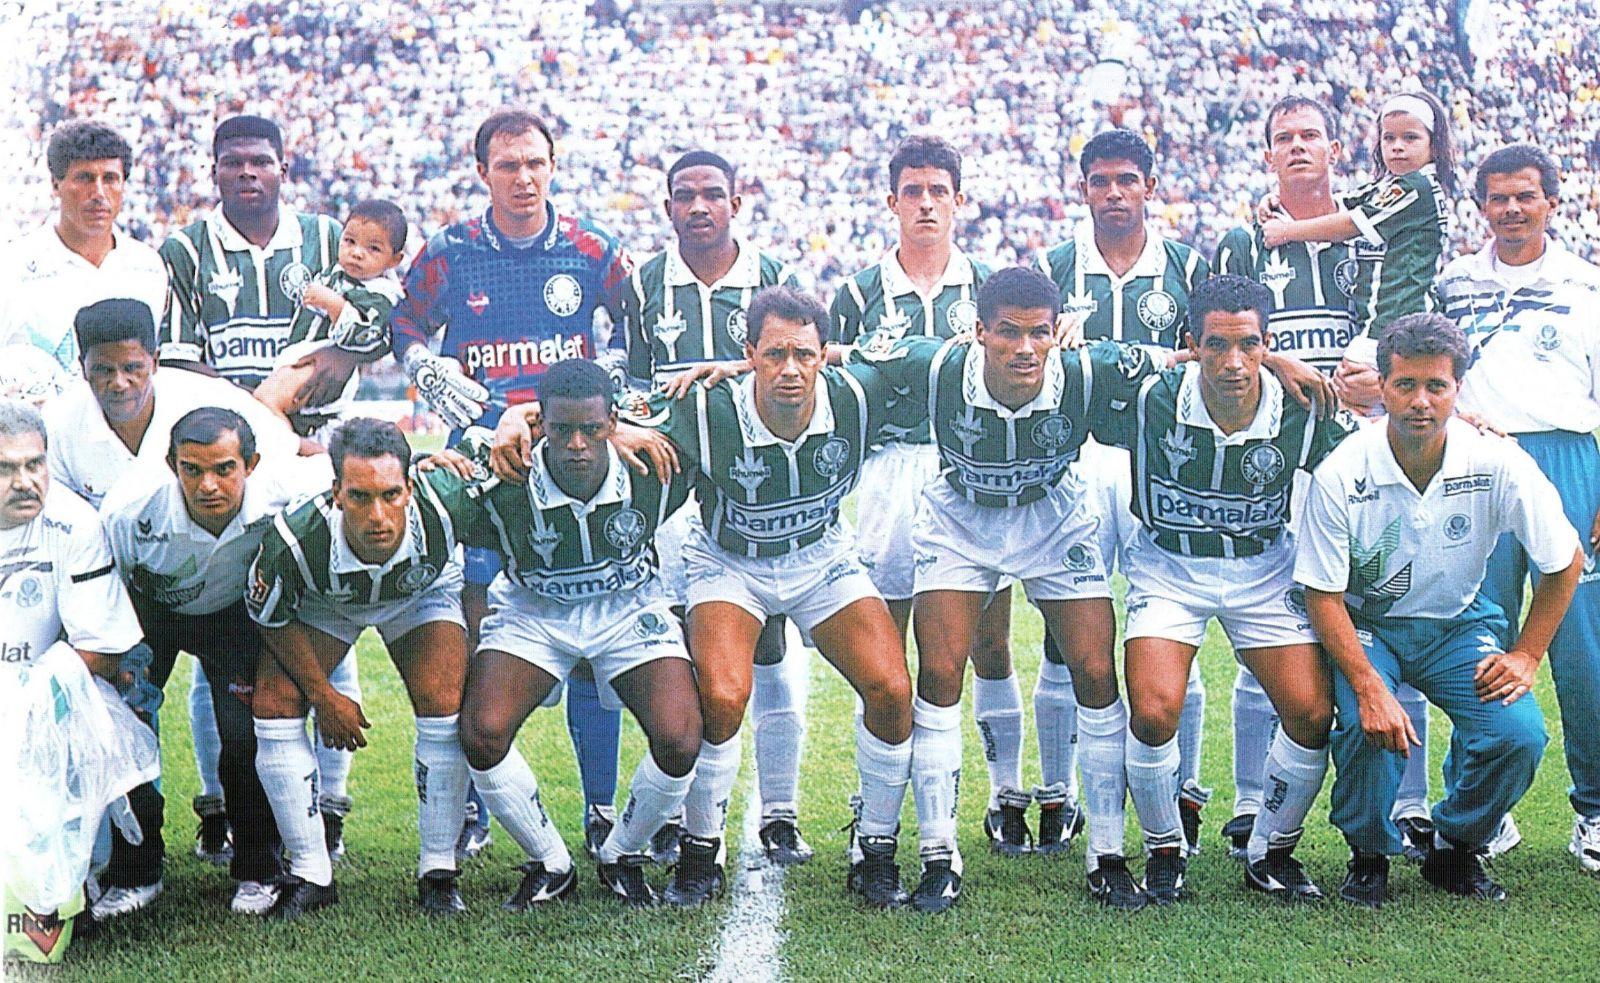 Derby  momentos inesquecíveis do clássico entre Corinthians e ... cc3af46e35c5f